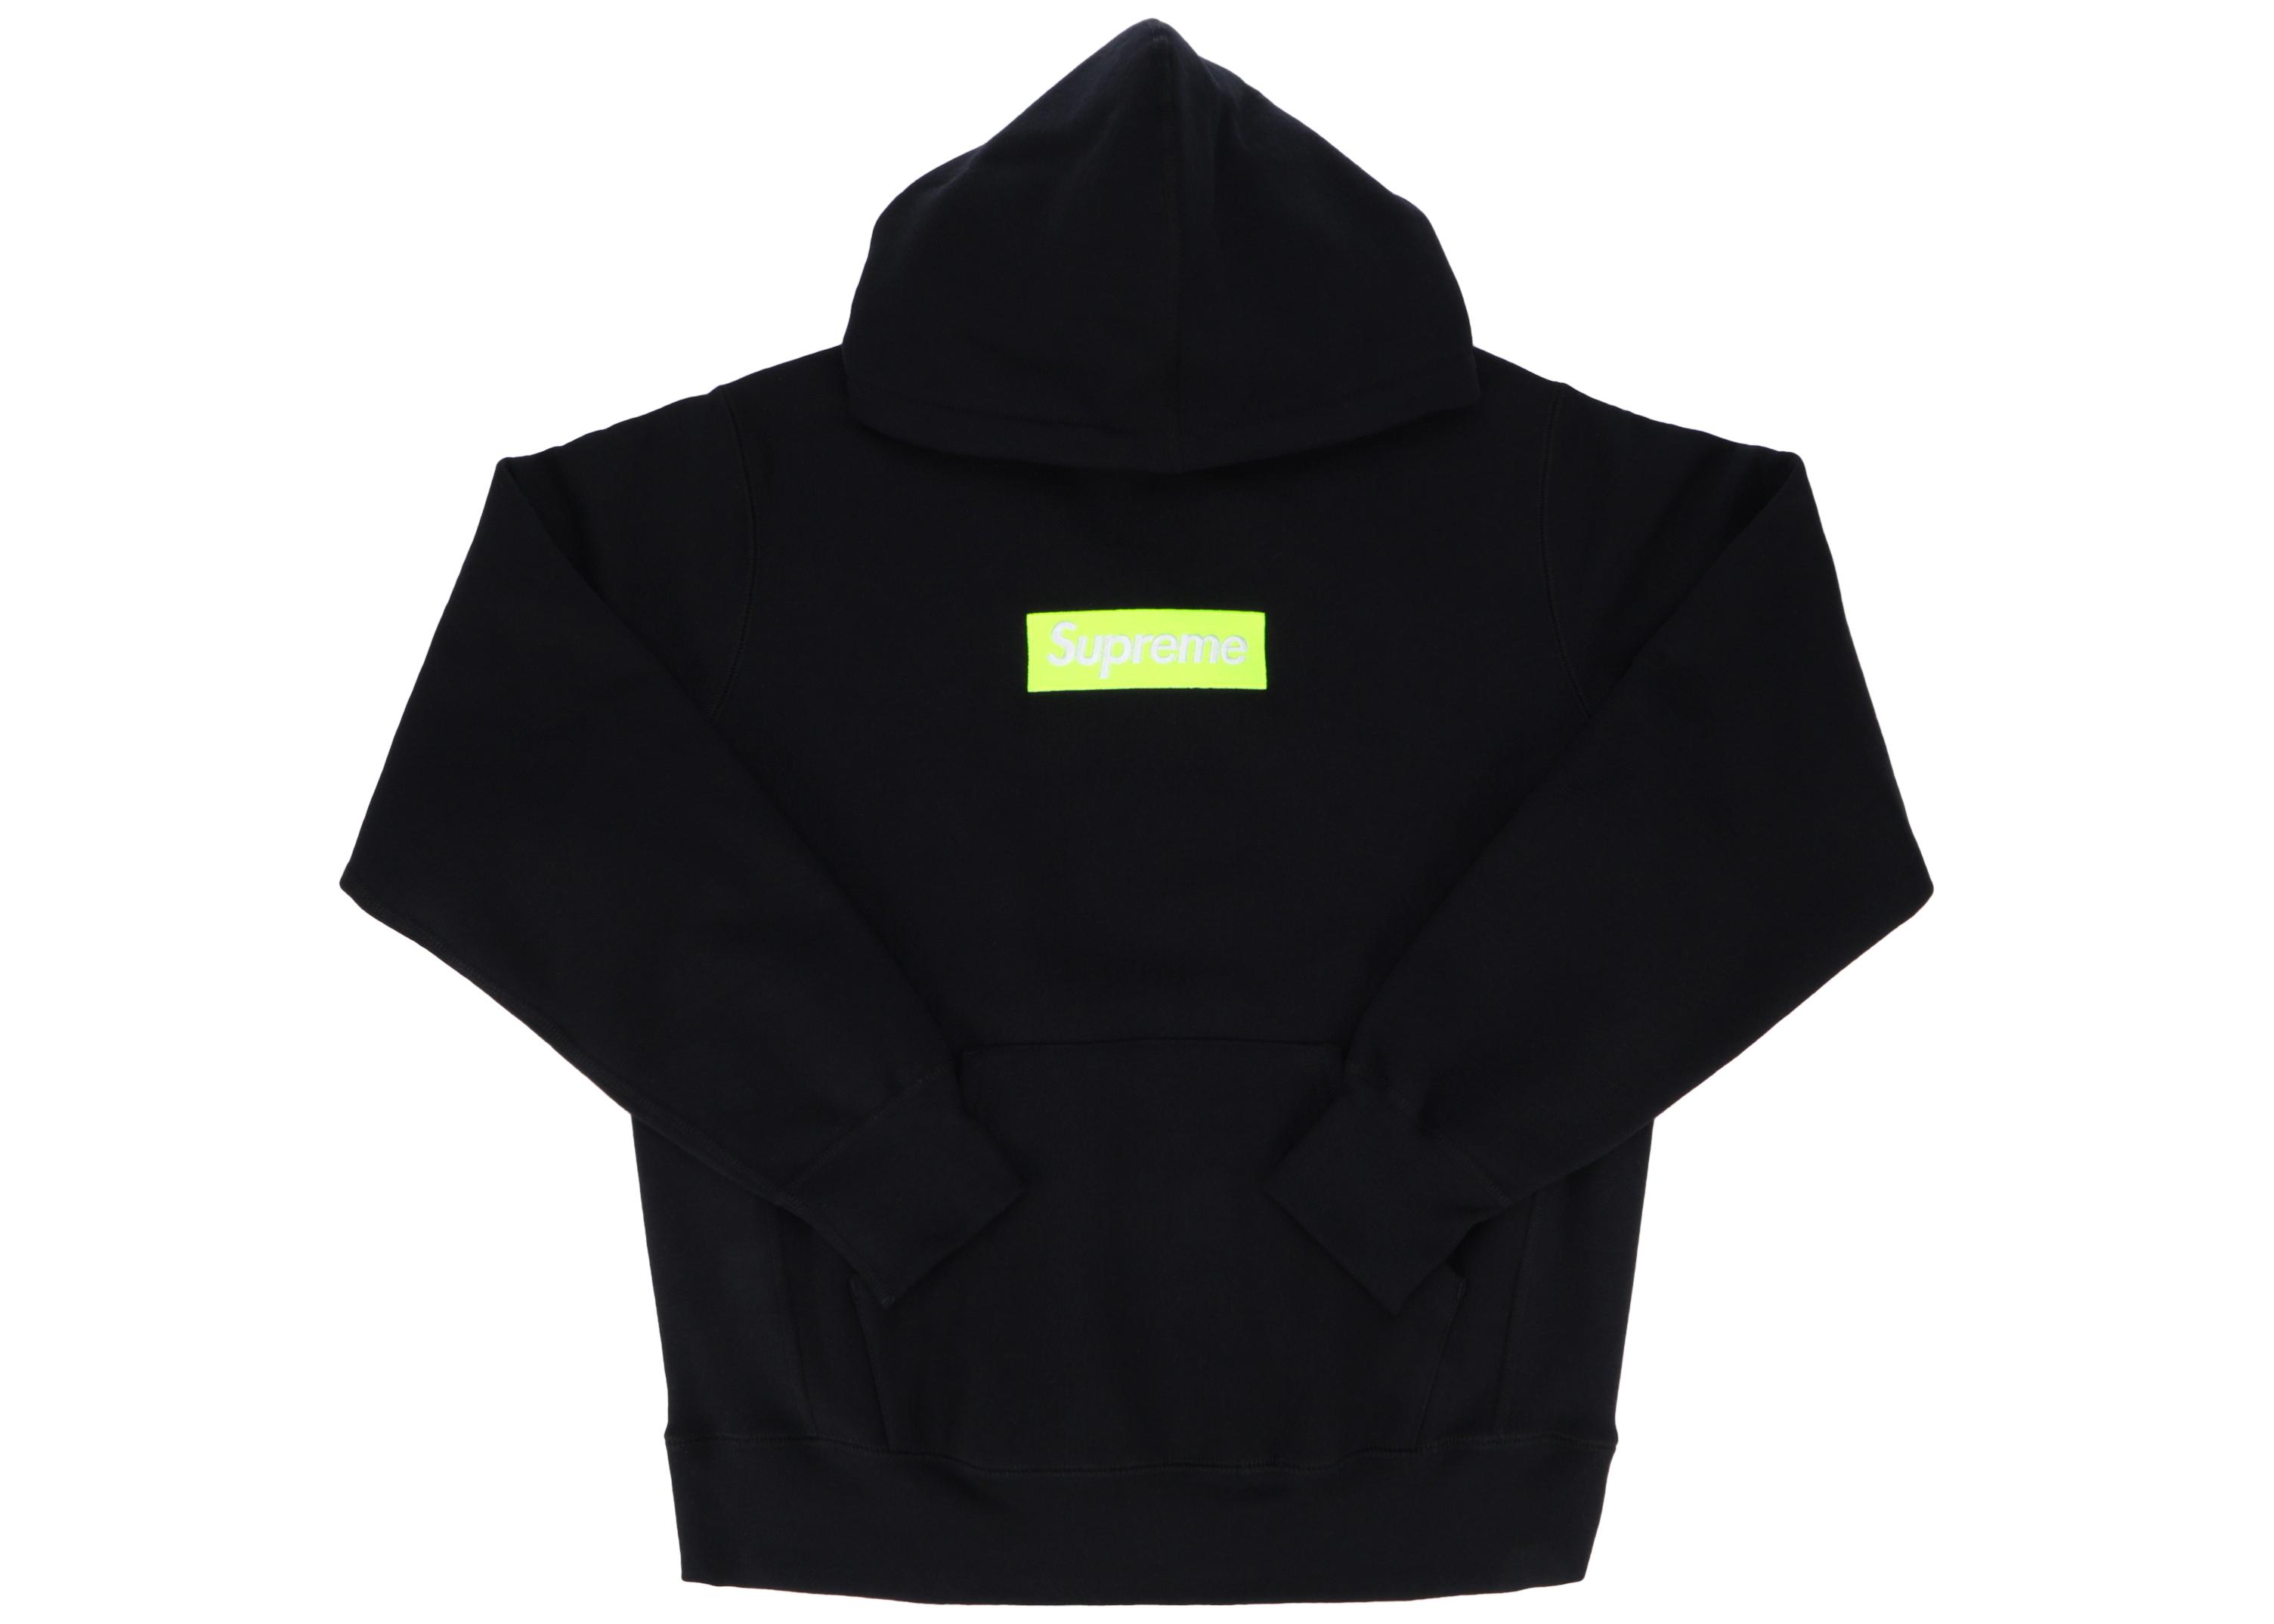 Supreme Box Logo Hooded Sweatshirt (FW17) Black